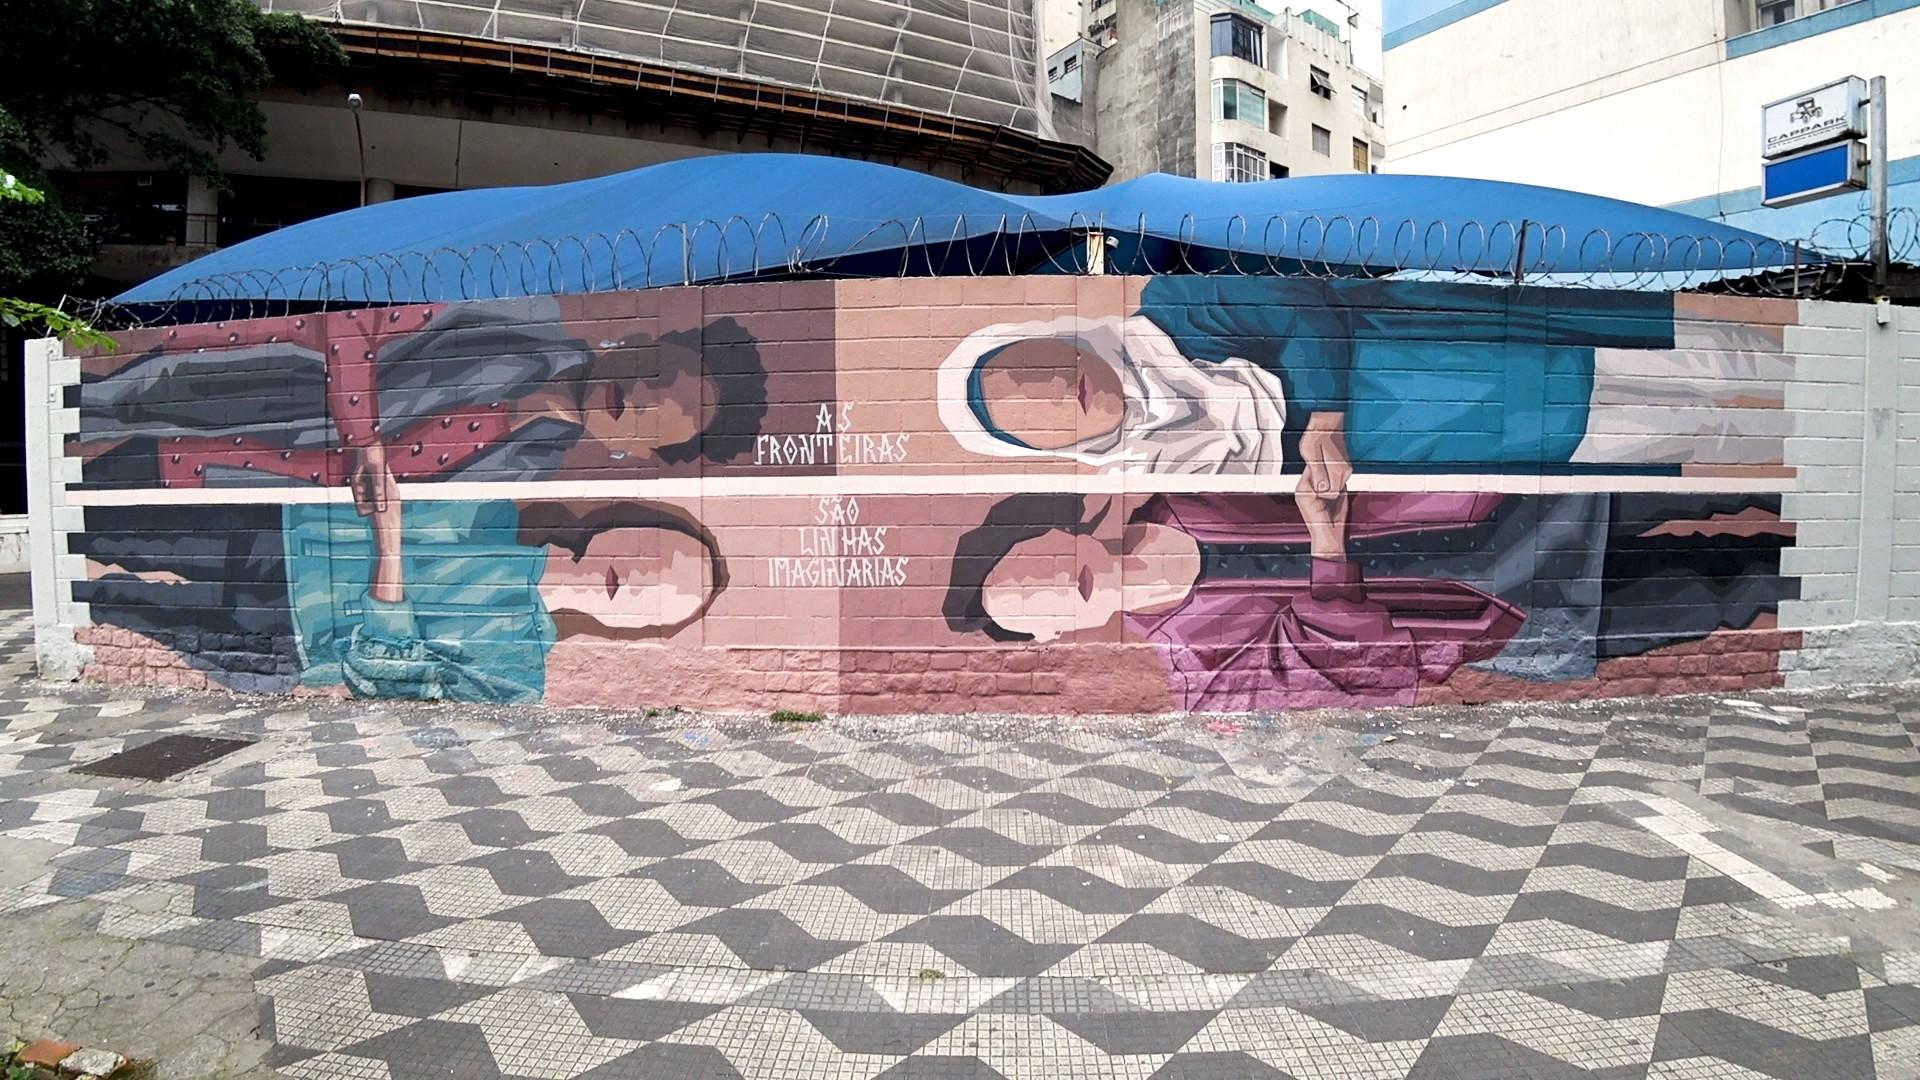 Mural pintado pela artista Florencia, em frente ao Copan, São Paulo, sobre mulheres refugiadas (Foto: Divulgação)